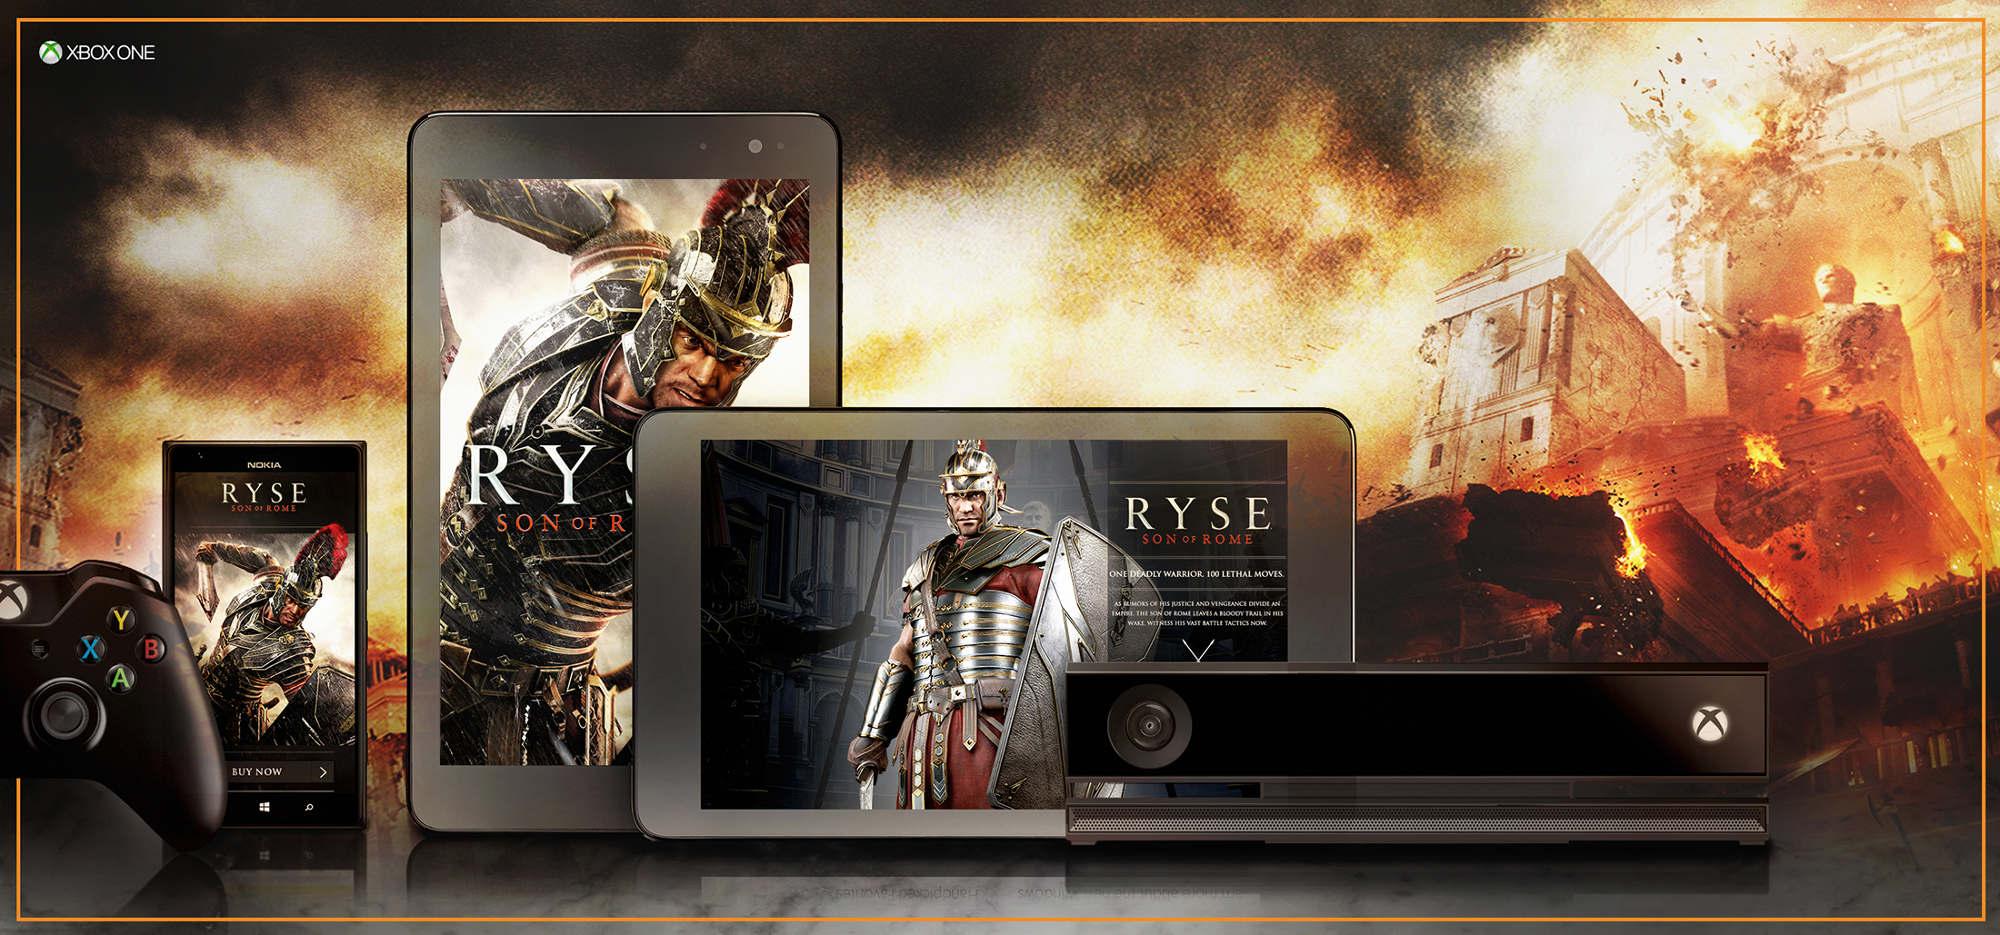 Microsoft Xbox One Global - www chrisdarmon com